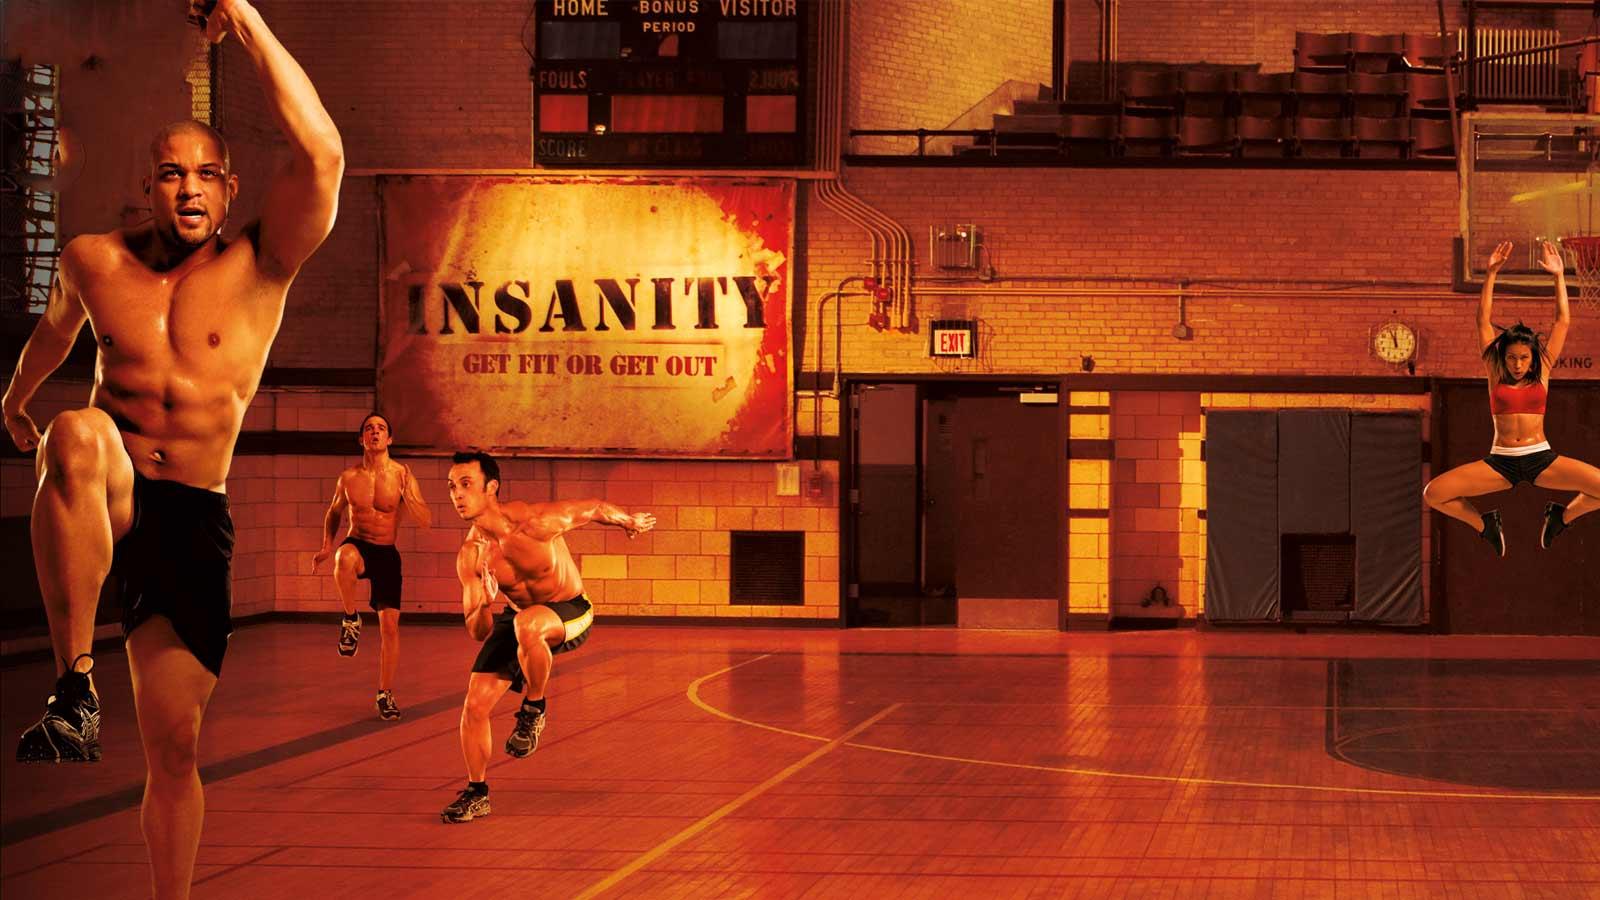 Entrenamiento Insanity, ¿cuáles son los beneficios?